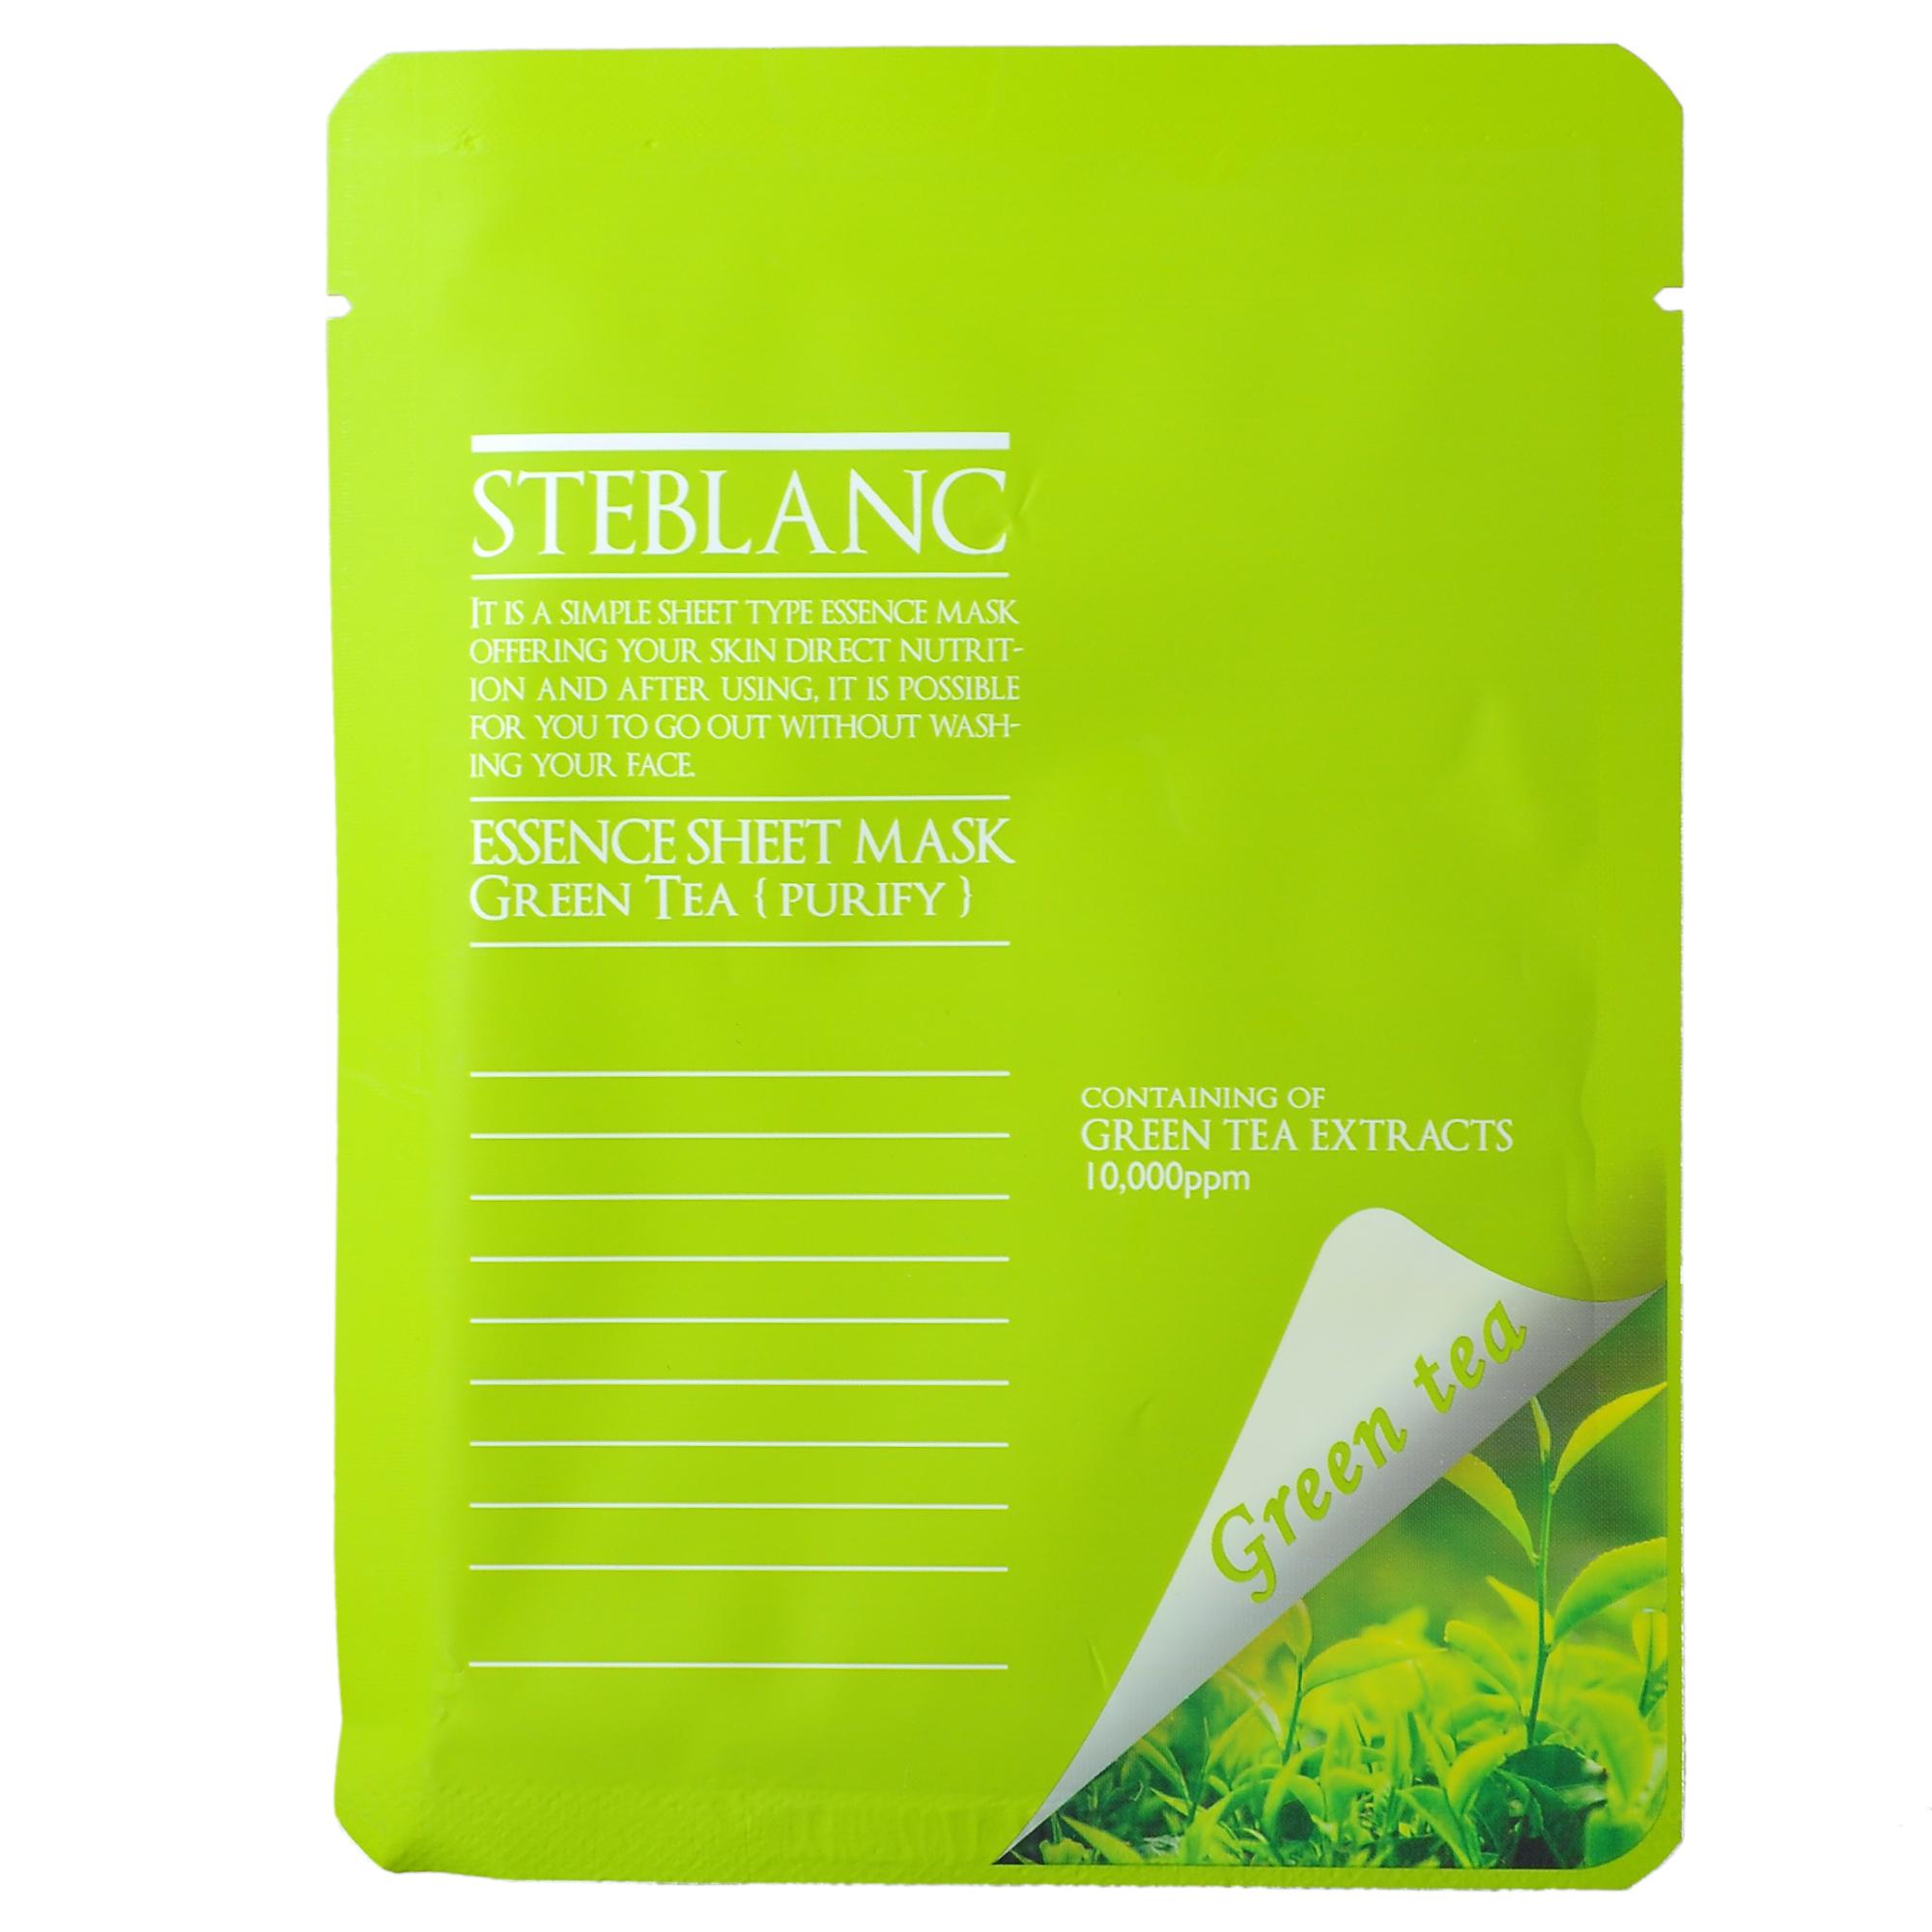 STEBLANC Маска очищающая с экстрактом зеленого чая для лица / ESSENCE SHEET MASK 20 г